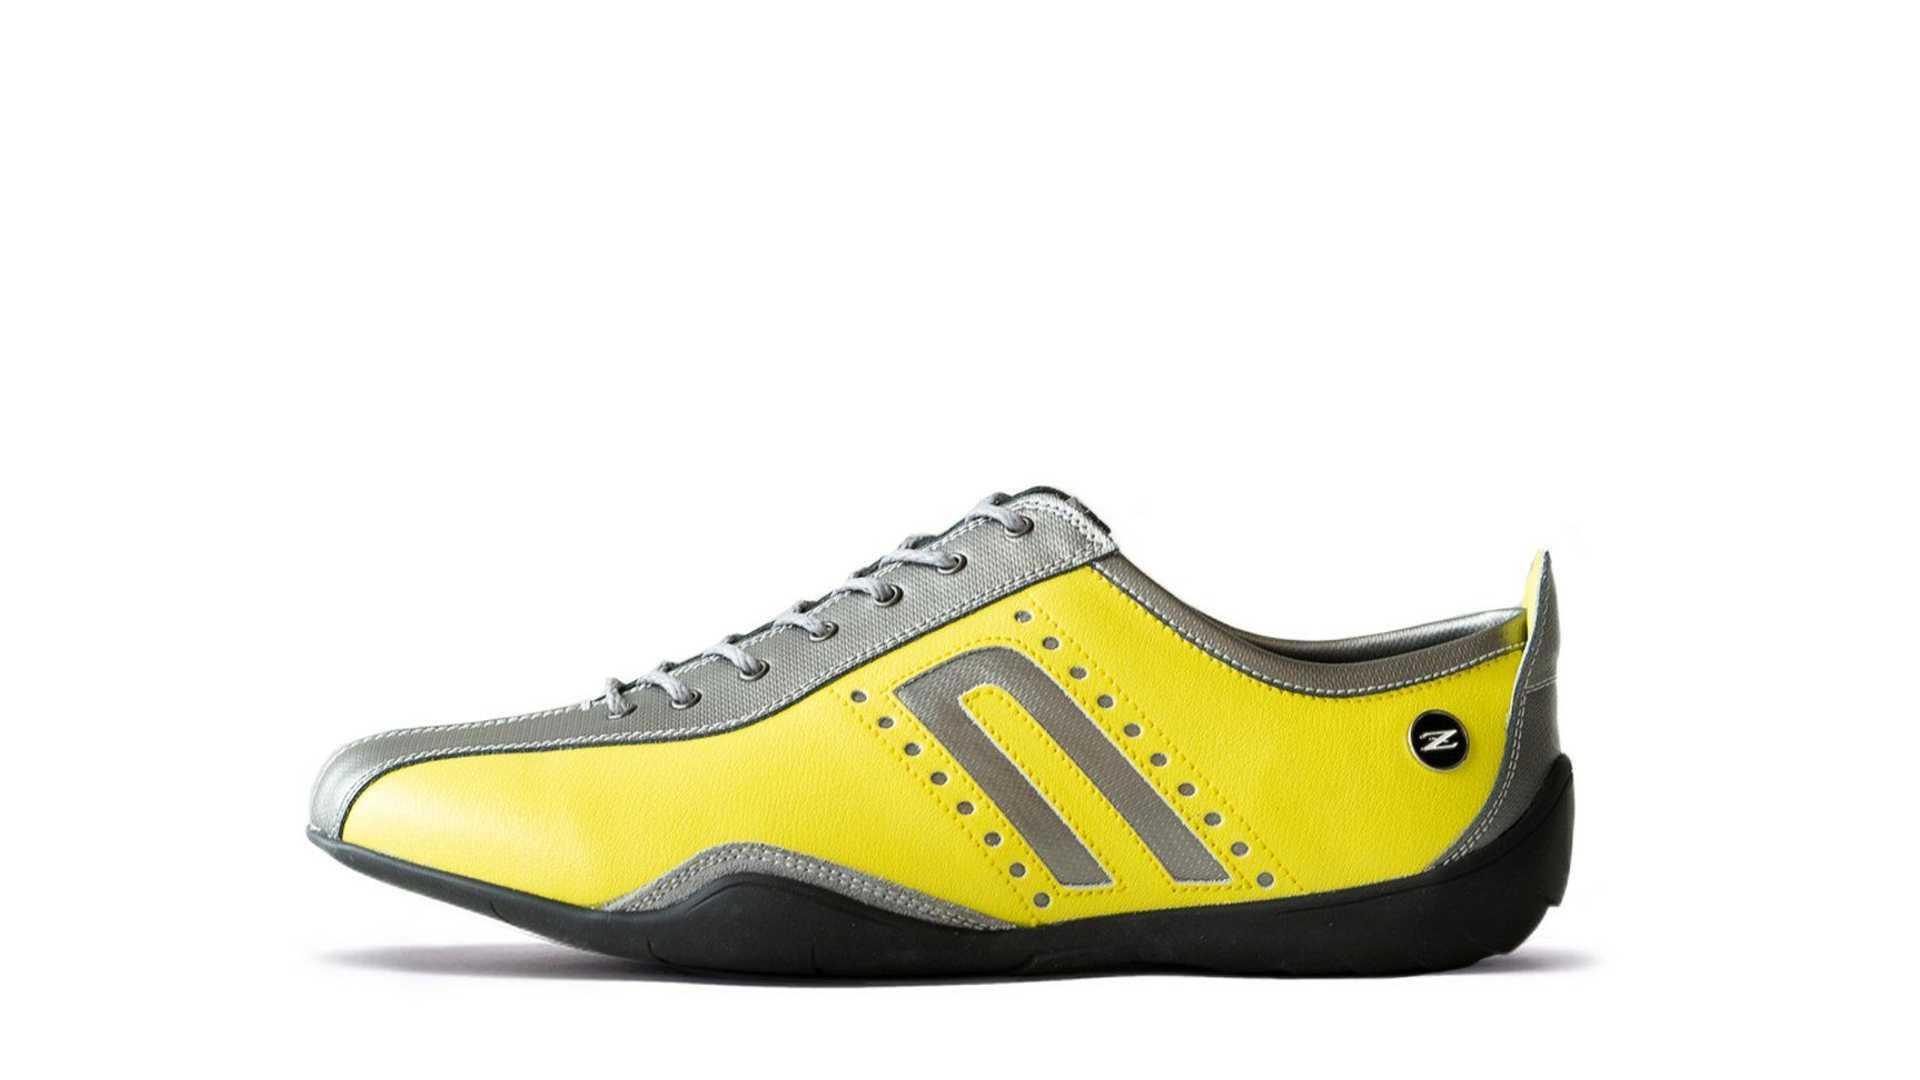 Negroni_Idea_Corsa-Nissan_Z_Shoes-0005